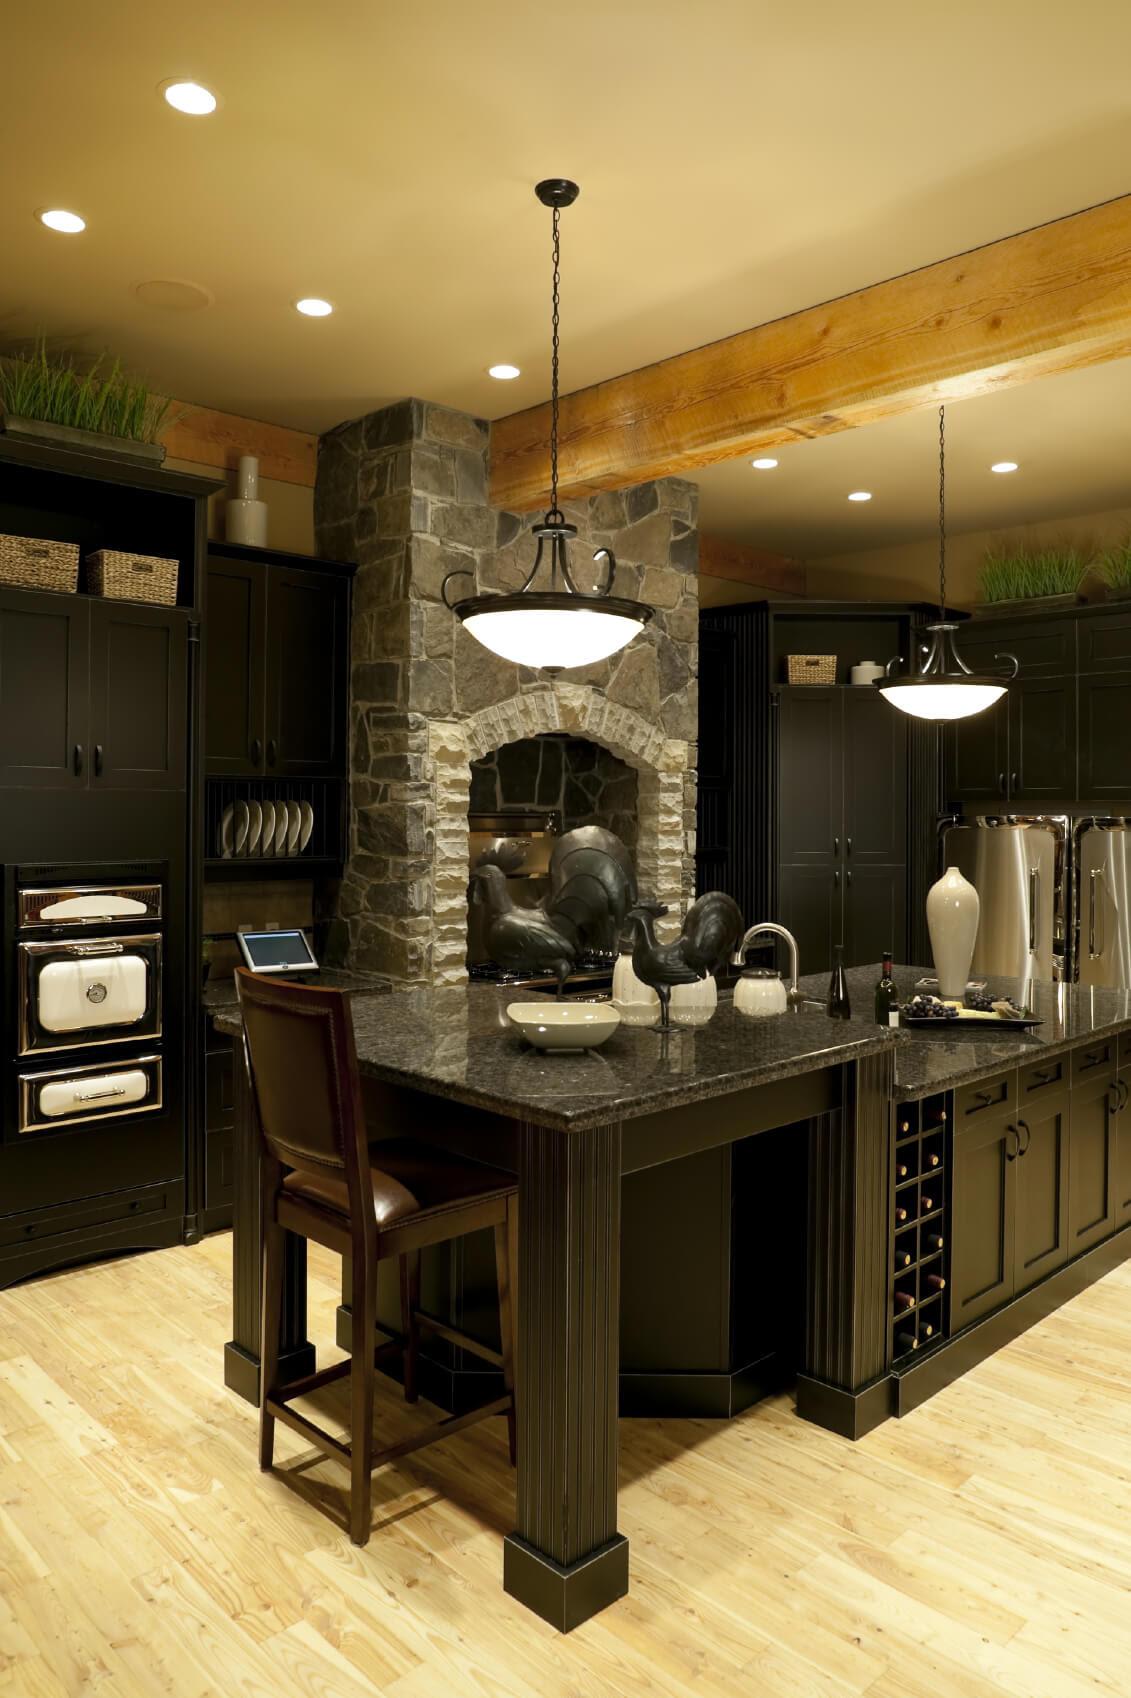 Cuisine de luxe noire avec îlot à 2 niveaux et poutres apparentes au plafond en bois clair